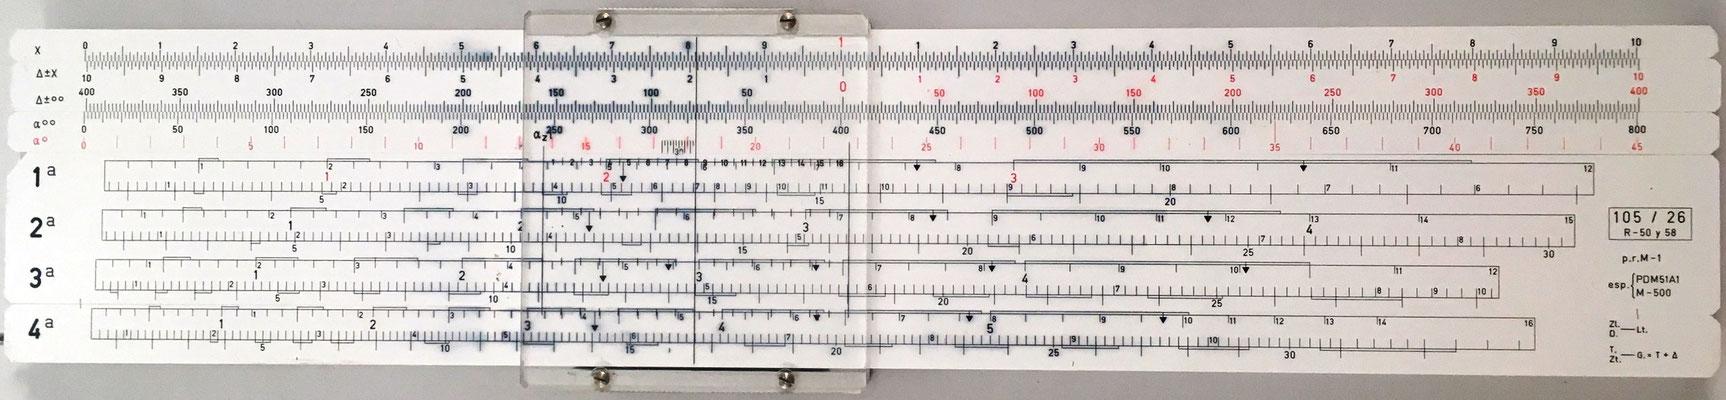 Regla de artillería ARISTO 90119 para obús 105/26 mm, sistema RIVERA (escalas 1ª, 2ª, 3ª), año 1970, 33x7.5 cm